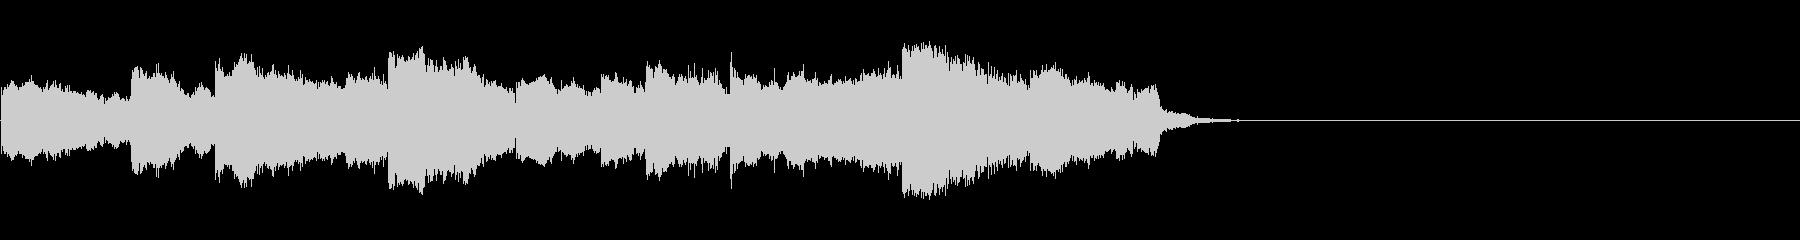 まぬけな脱力系導入音の未再生の波形